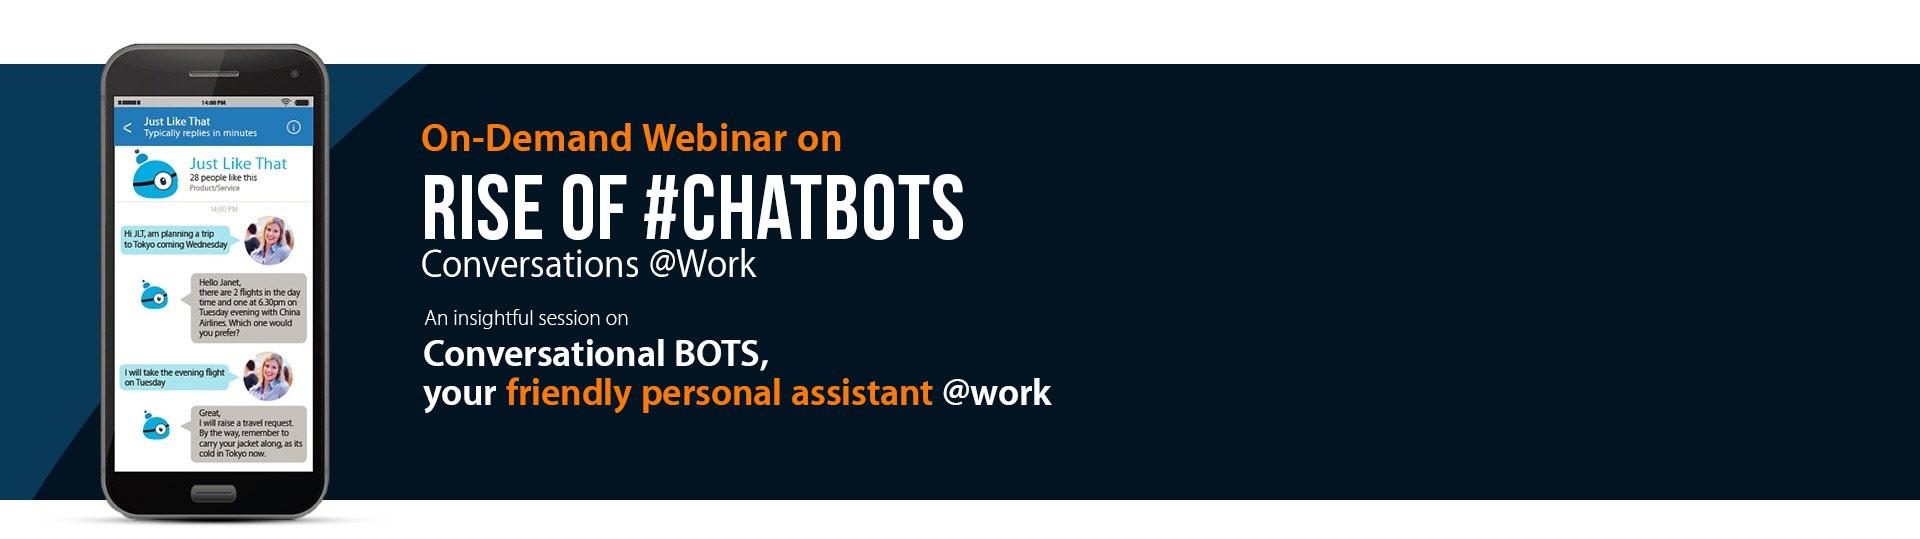 Bots_Microsoft-Hubspot-banner-new_-1.jpg